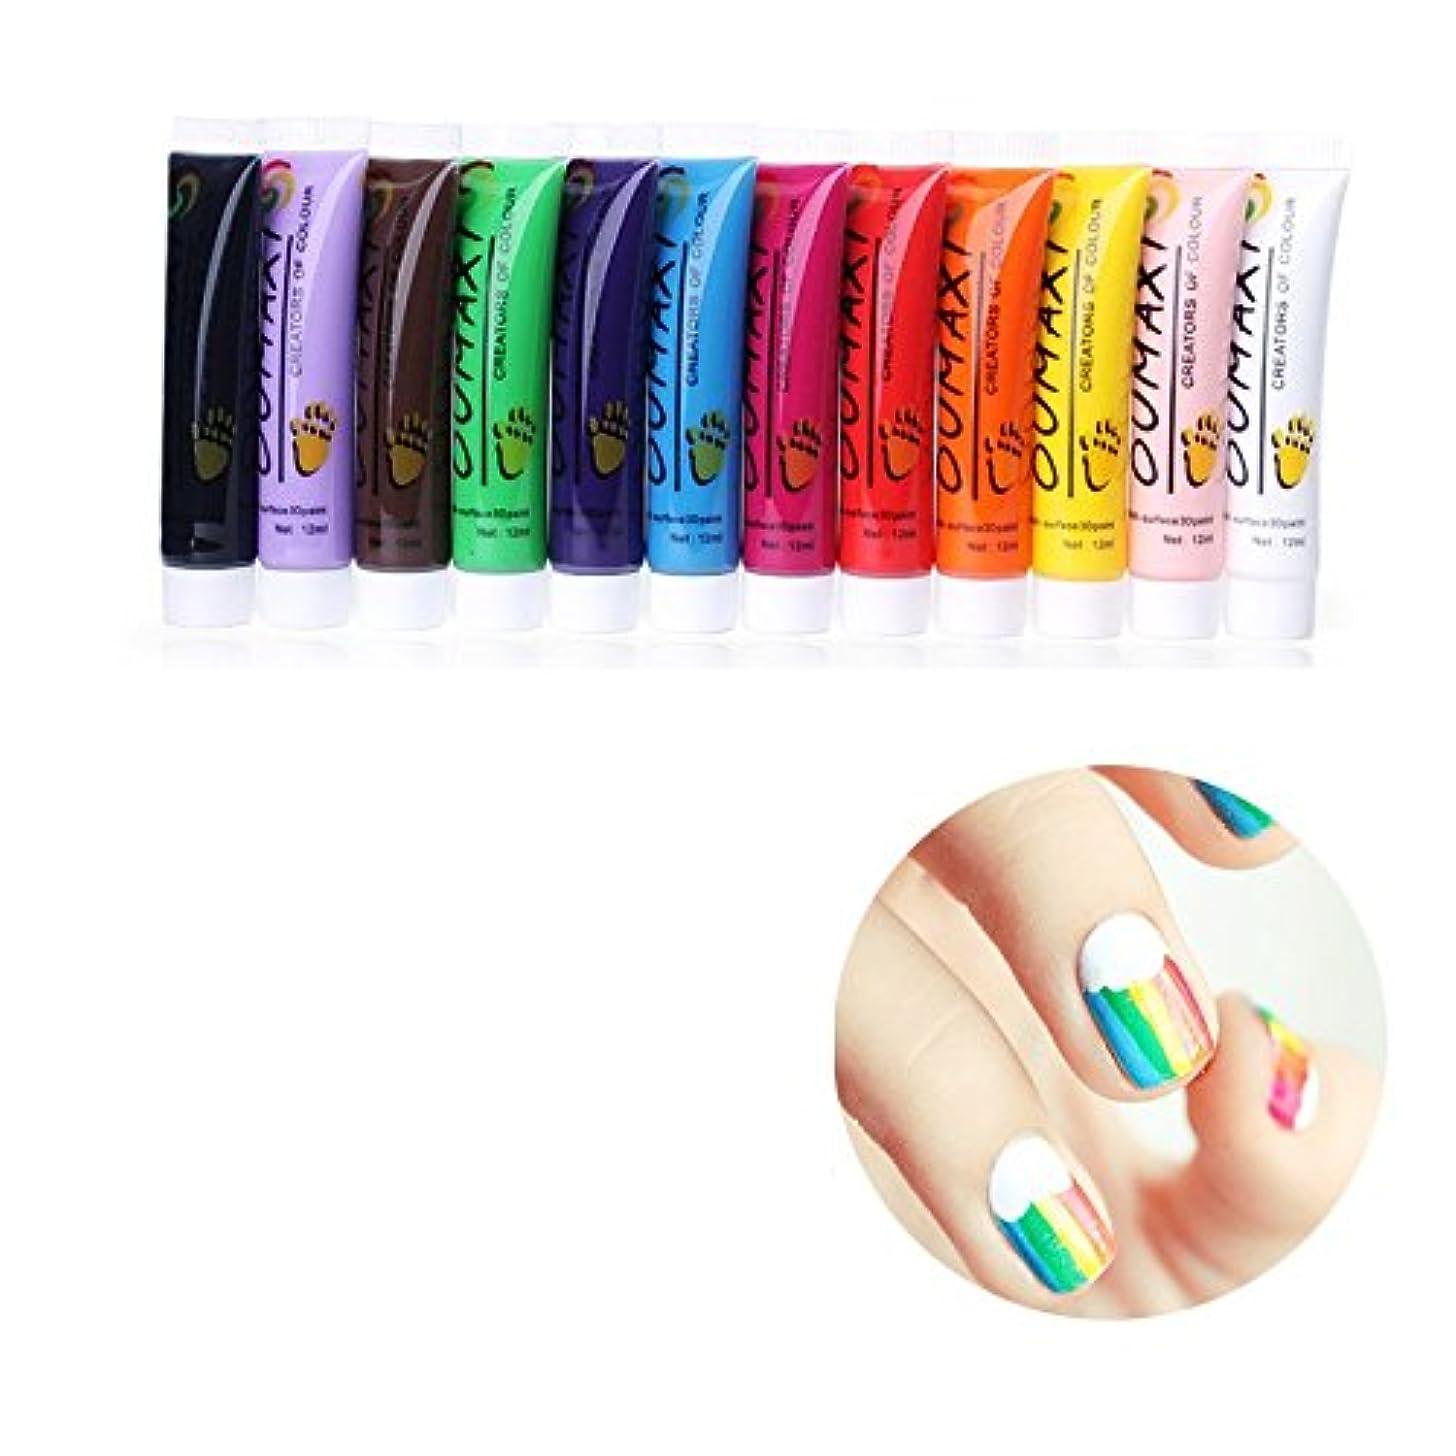 海洋の民族主義に同意する12Pc Colors Nail Art Pen 3D Painting Draw Paint Tube Pigment Acrylic Kits Decorations UV Gel Draw Design DIY Pencil...